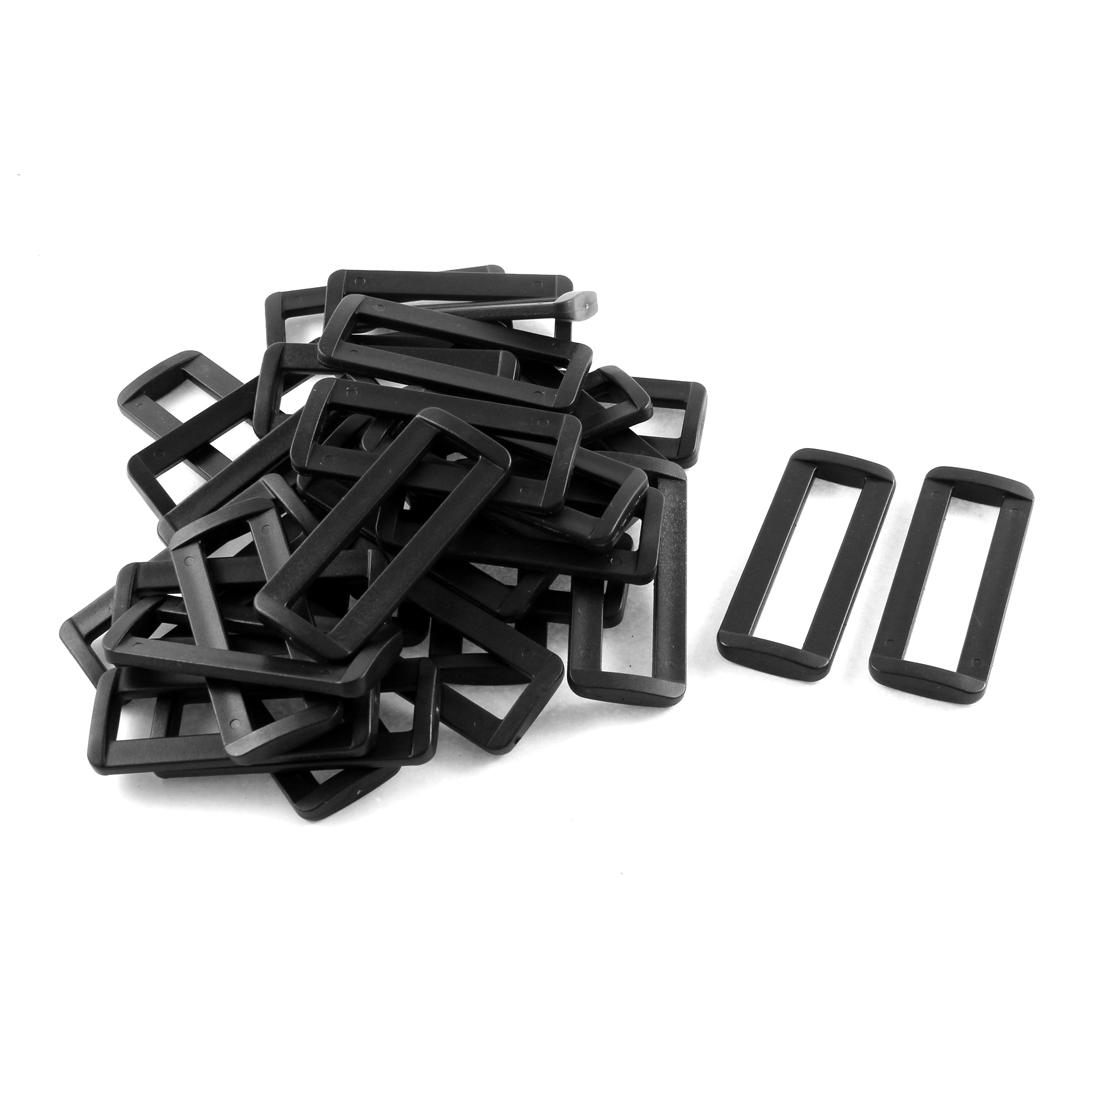 """30pcs Black Plastic Bar Slides Buckles for 2"""" Webbing Strap"""